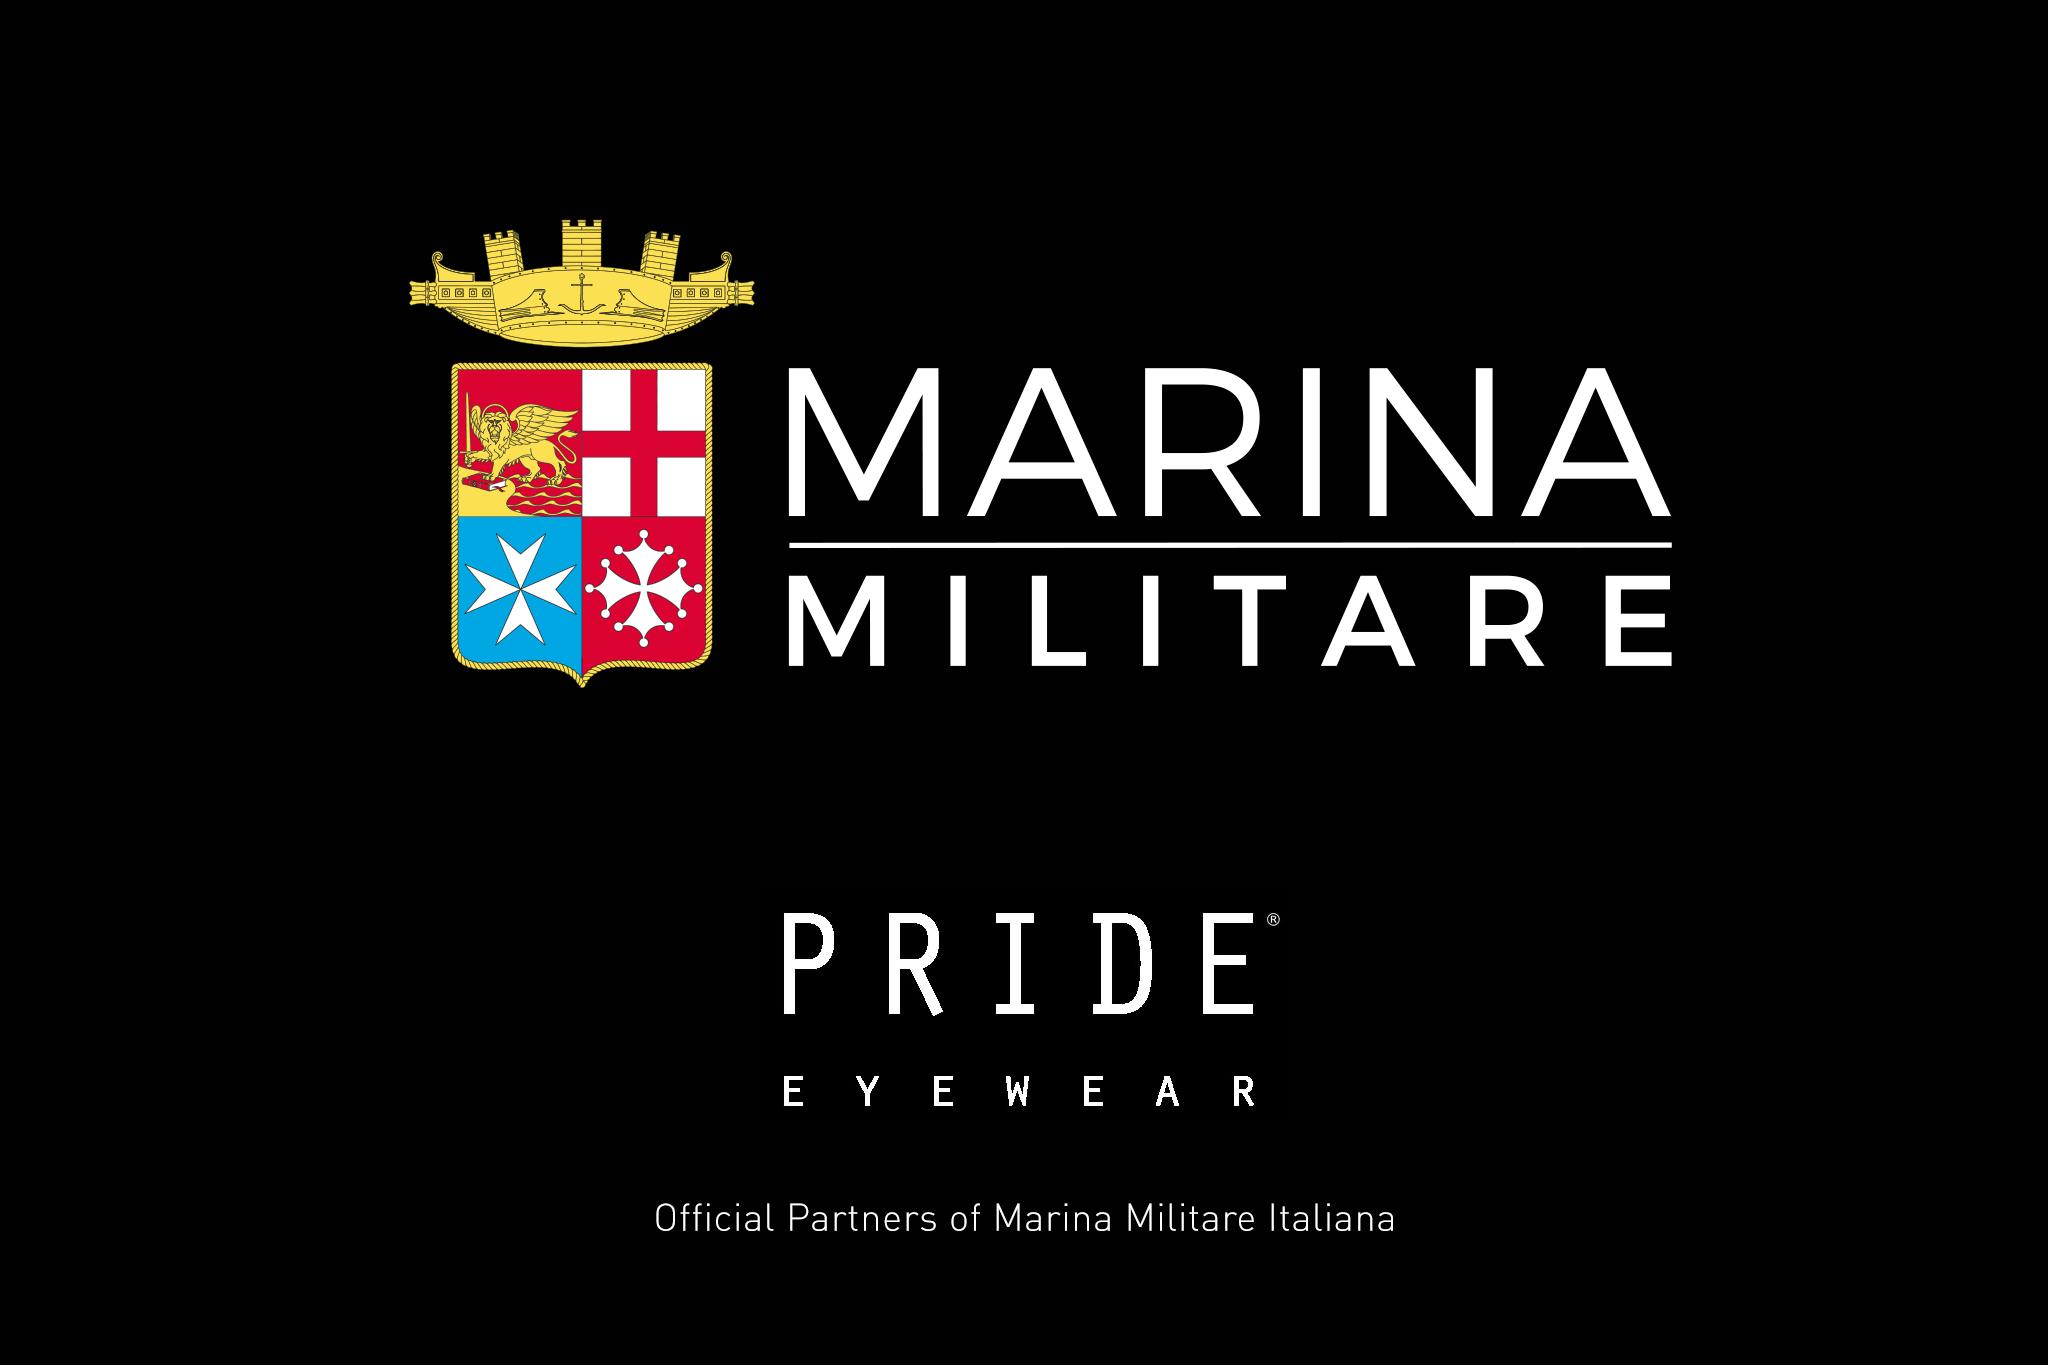 Official Partners of Marina Militare Italiana